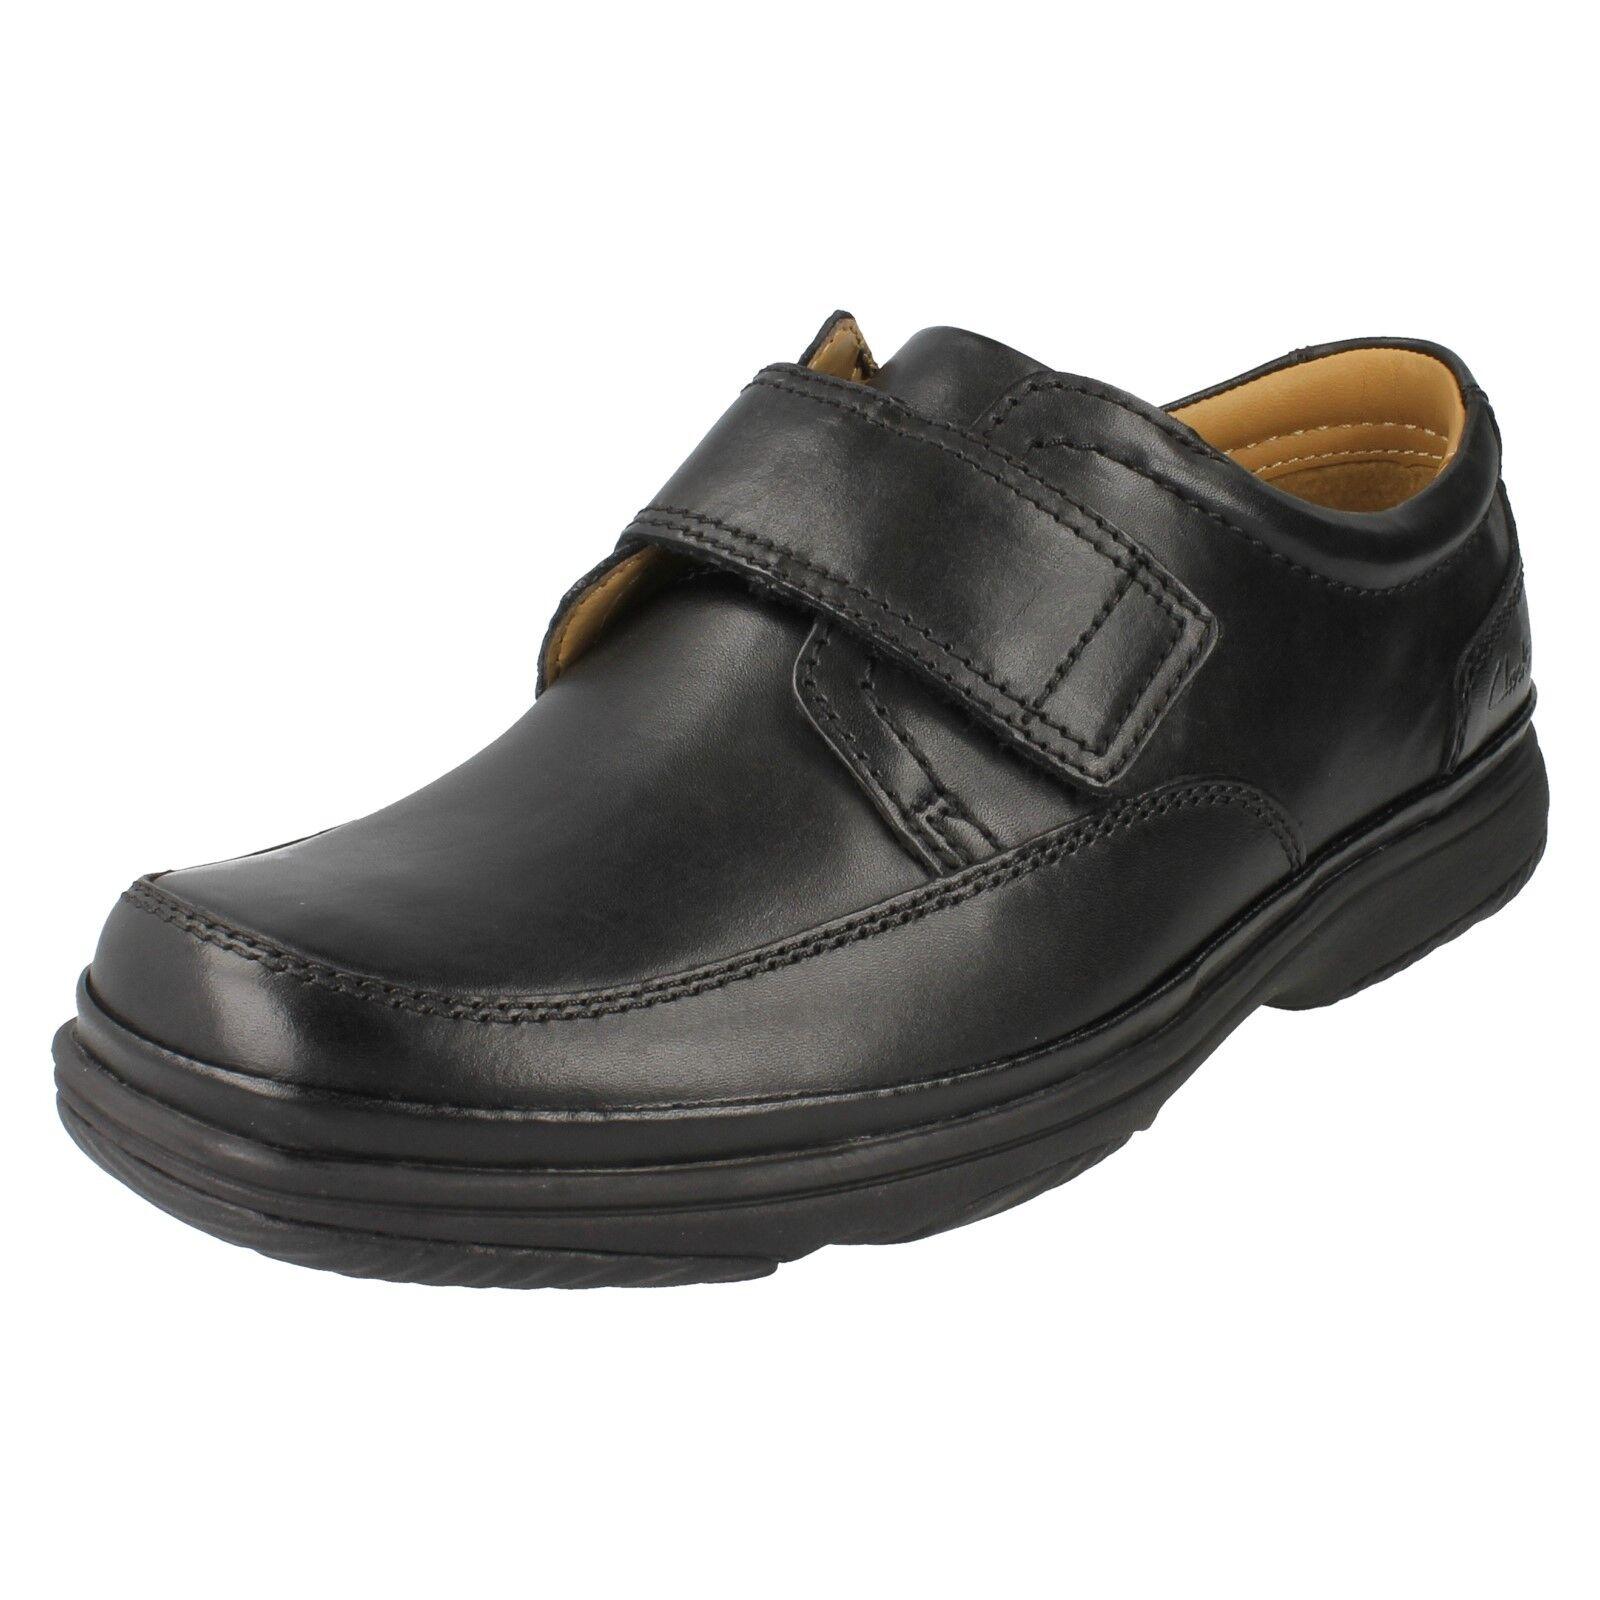 SWIFT RIPTAPE TURN  Herren CLARKS LIGHTWEIGHT WIDE FITTING RIPTAPE SWIFT CASUAL WORK Schuhe SIZE 8f685d